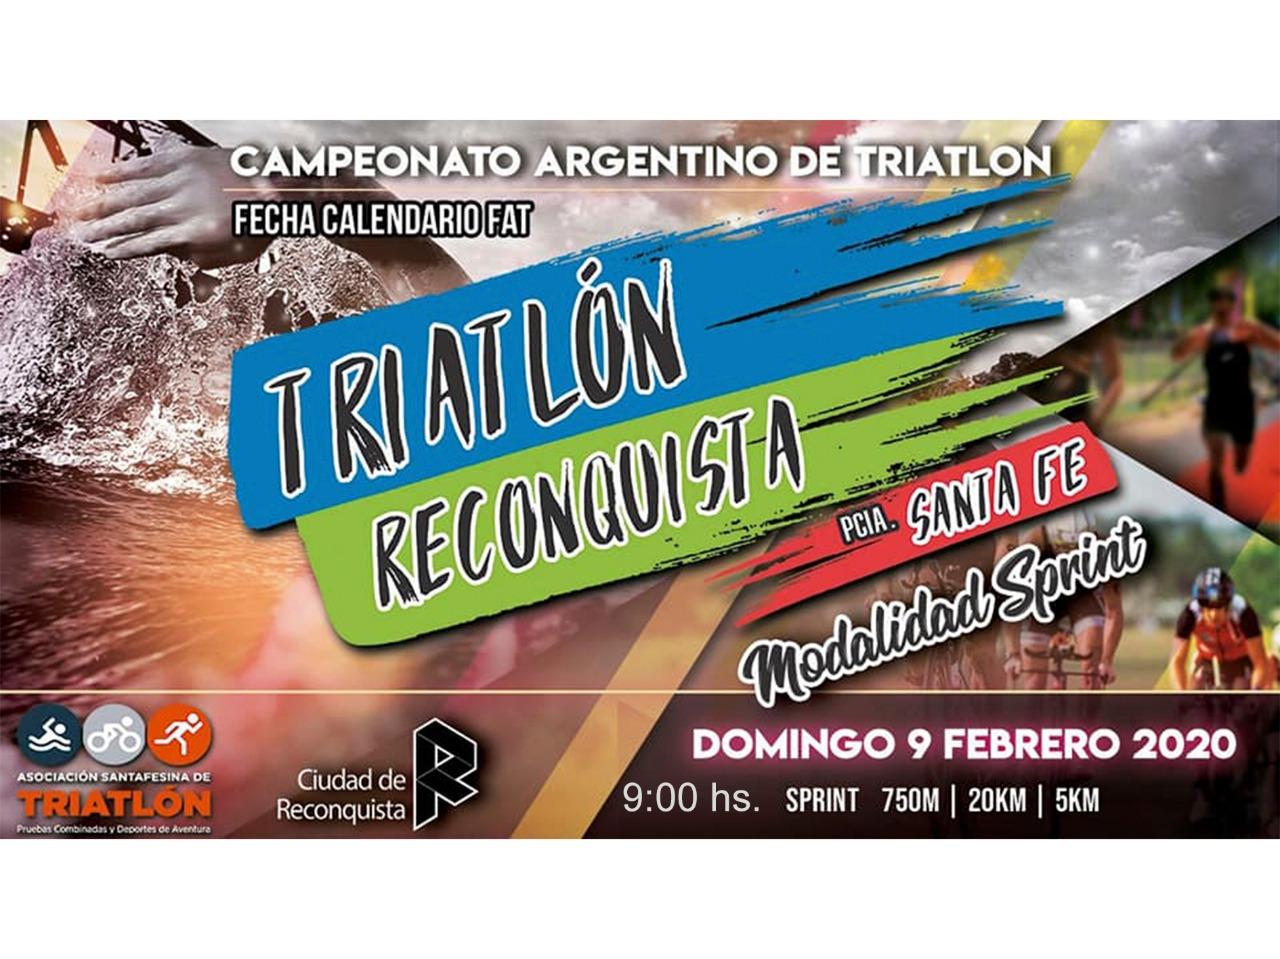 Triatlón: corte total de tránsito hacia y desde Puerto Reconquista